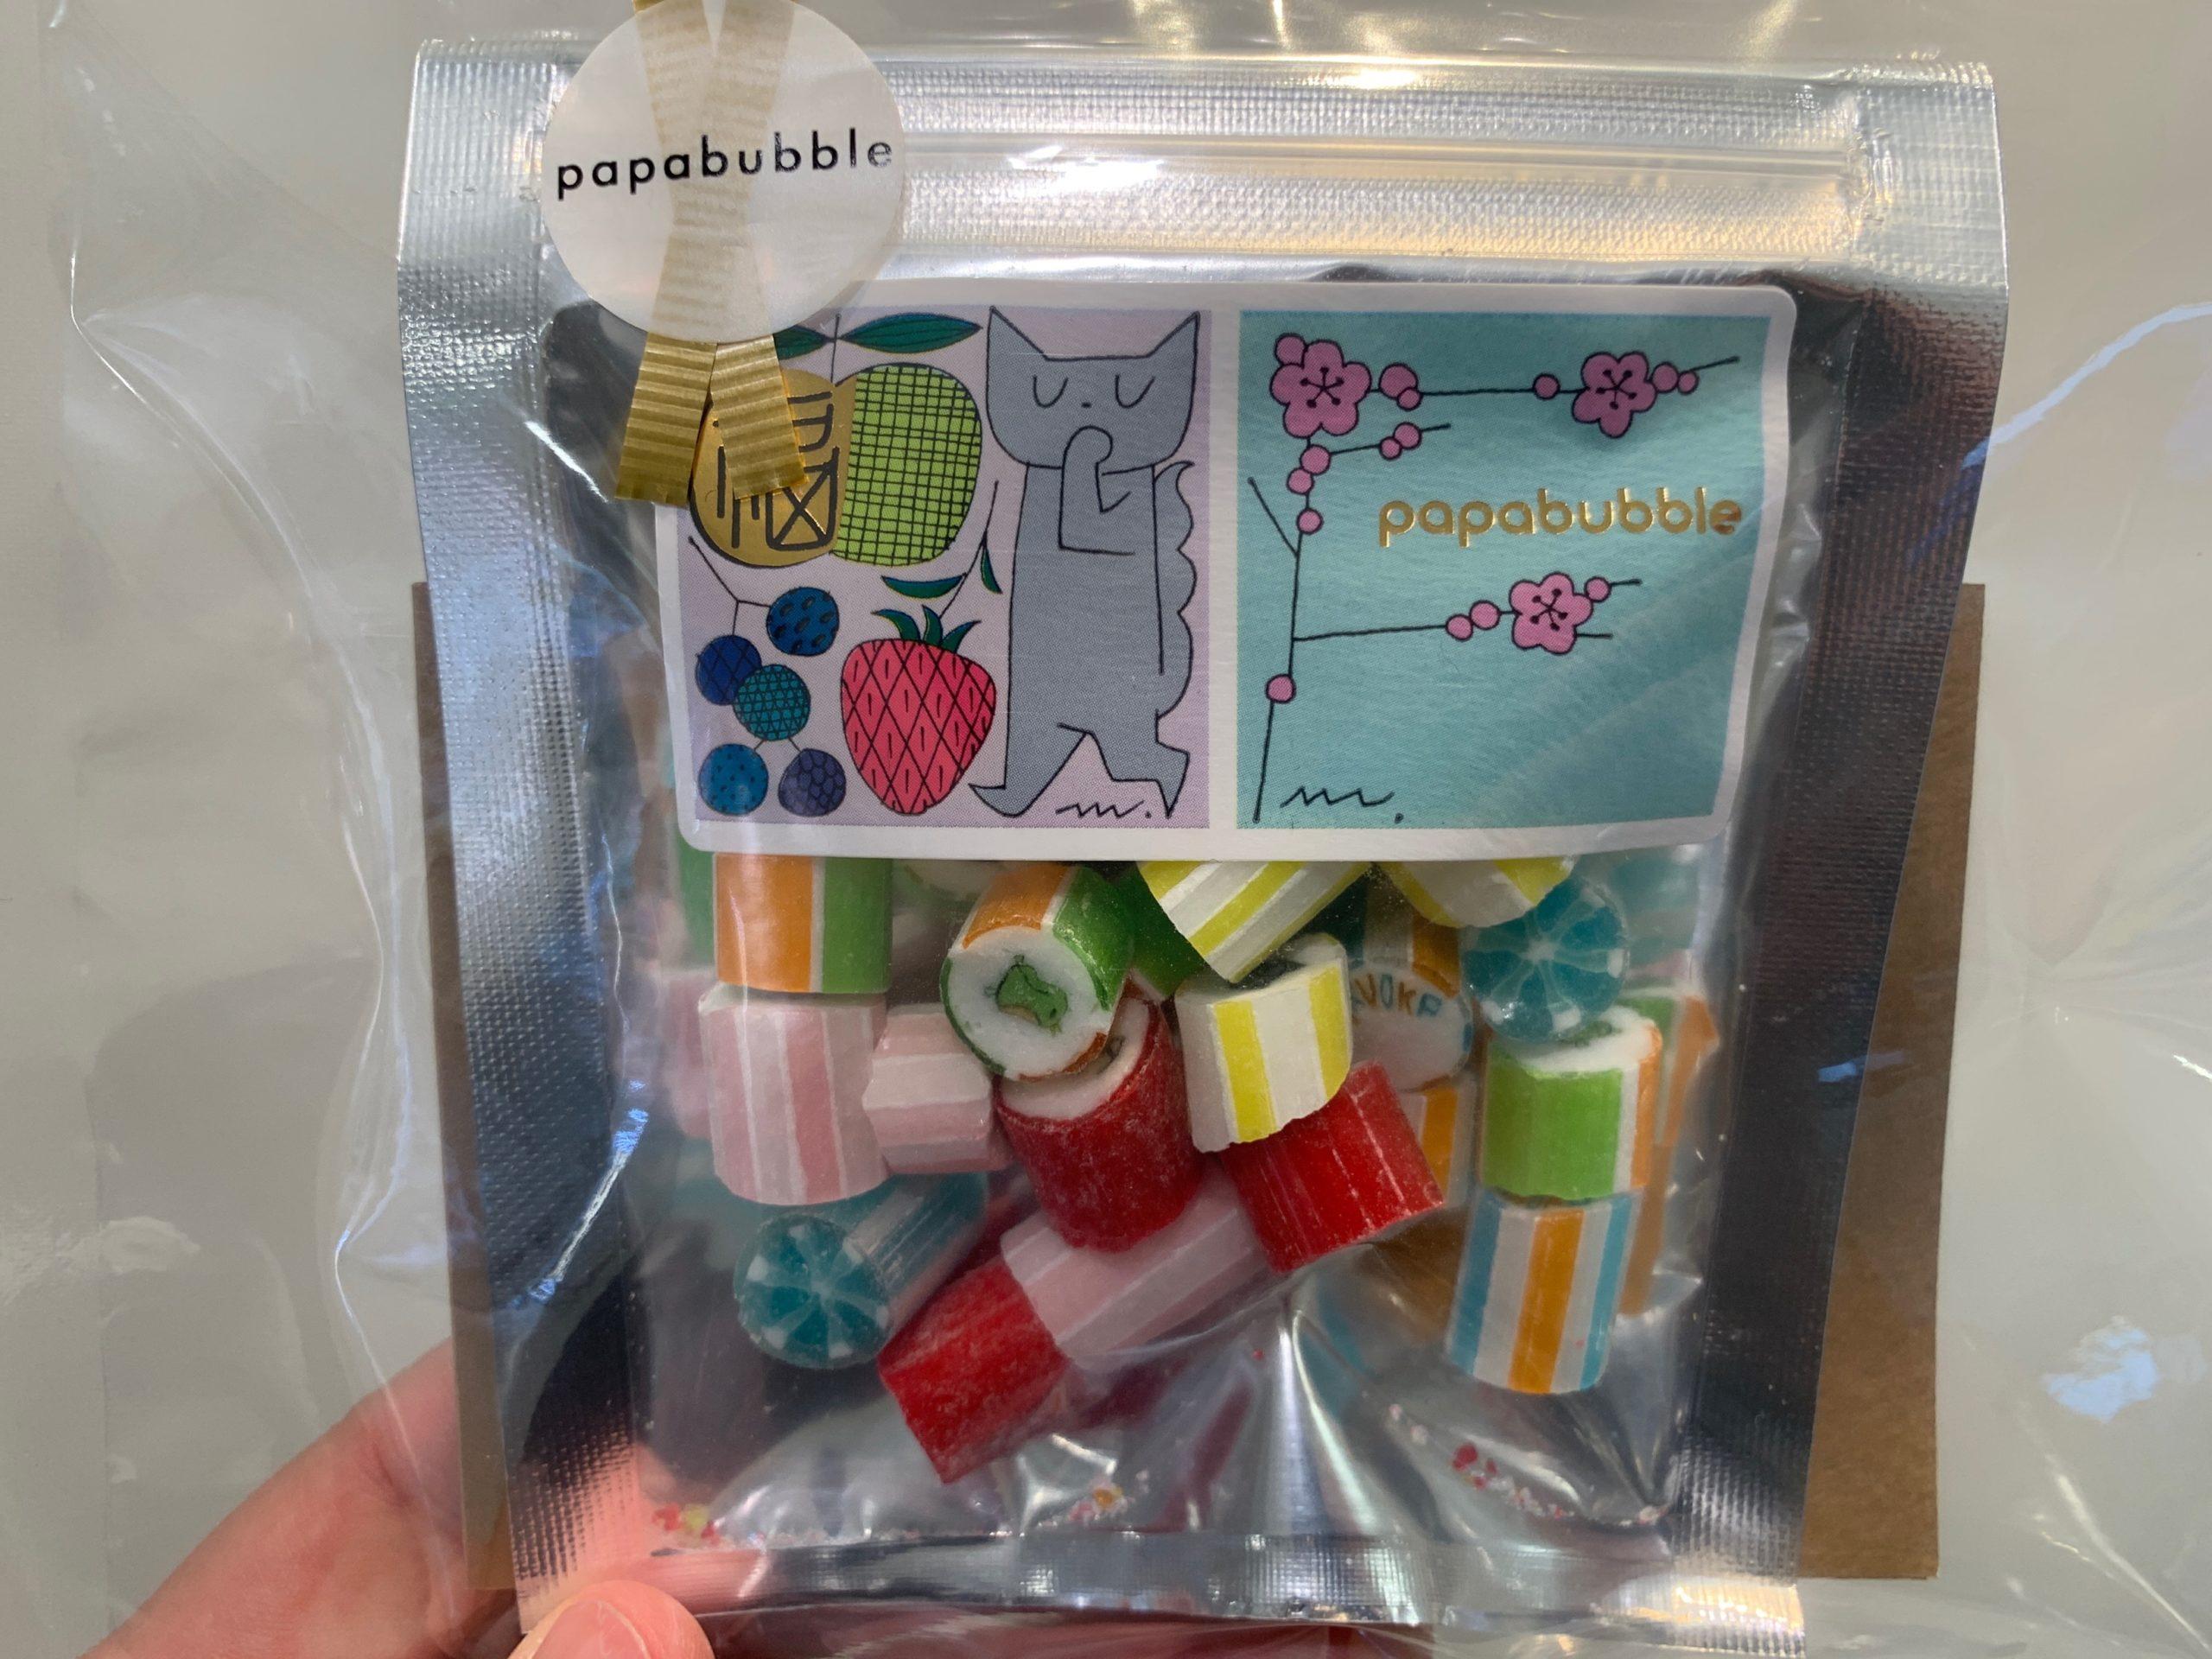 パパブブレのキャンディその2